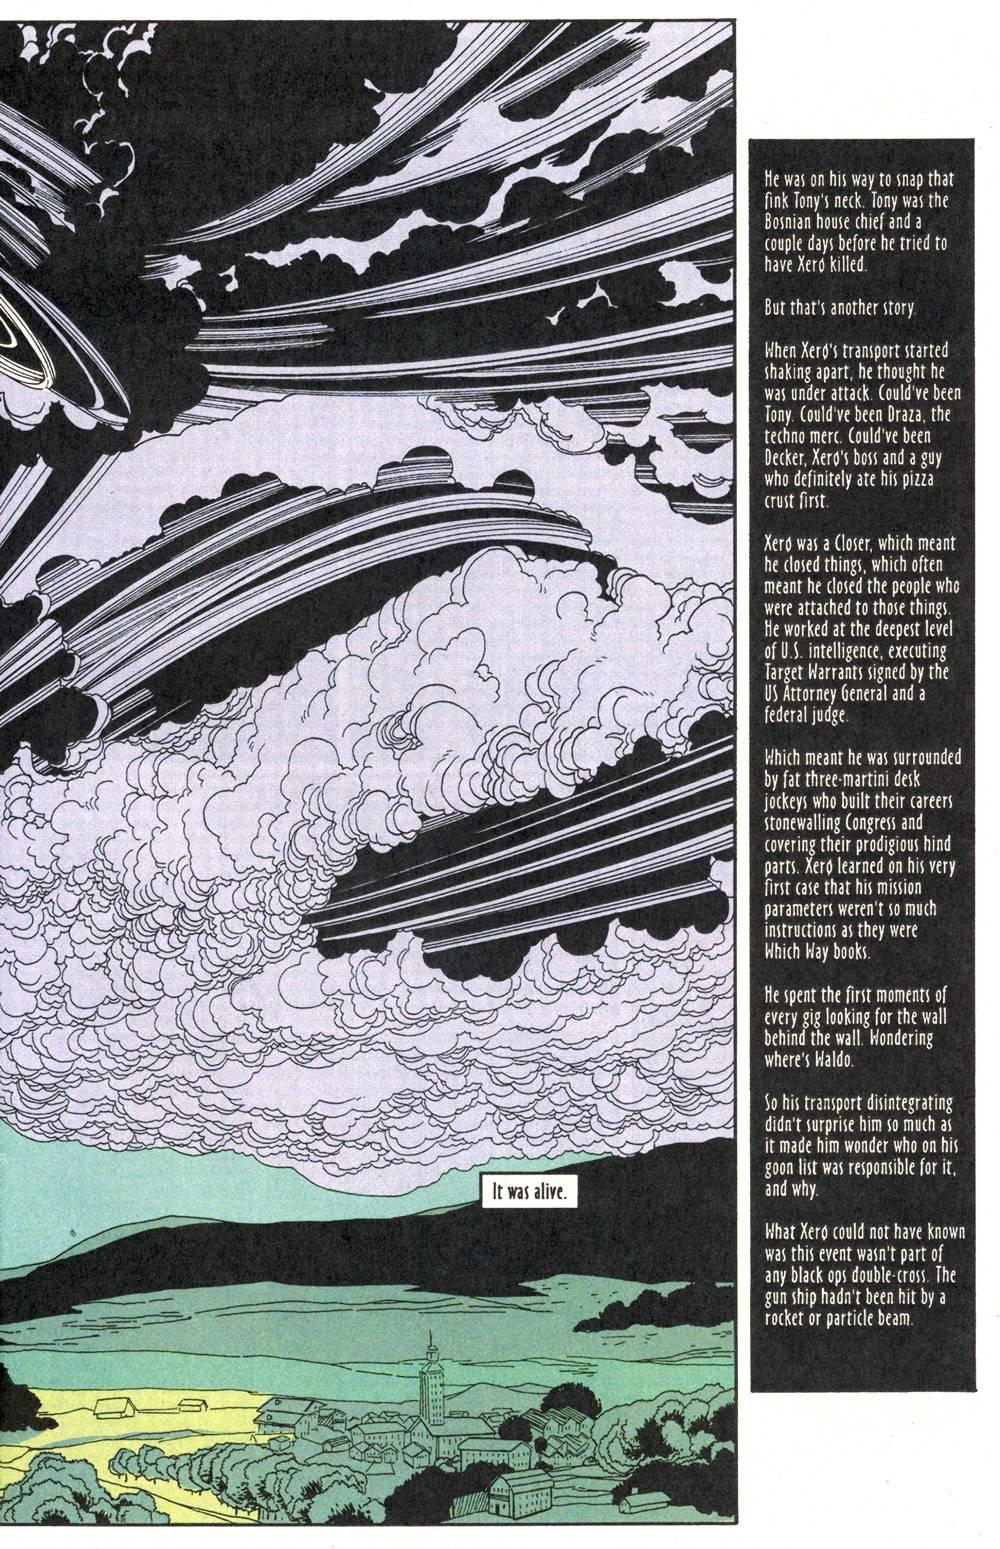 Read online Xero comic -  Issue #6 - 6